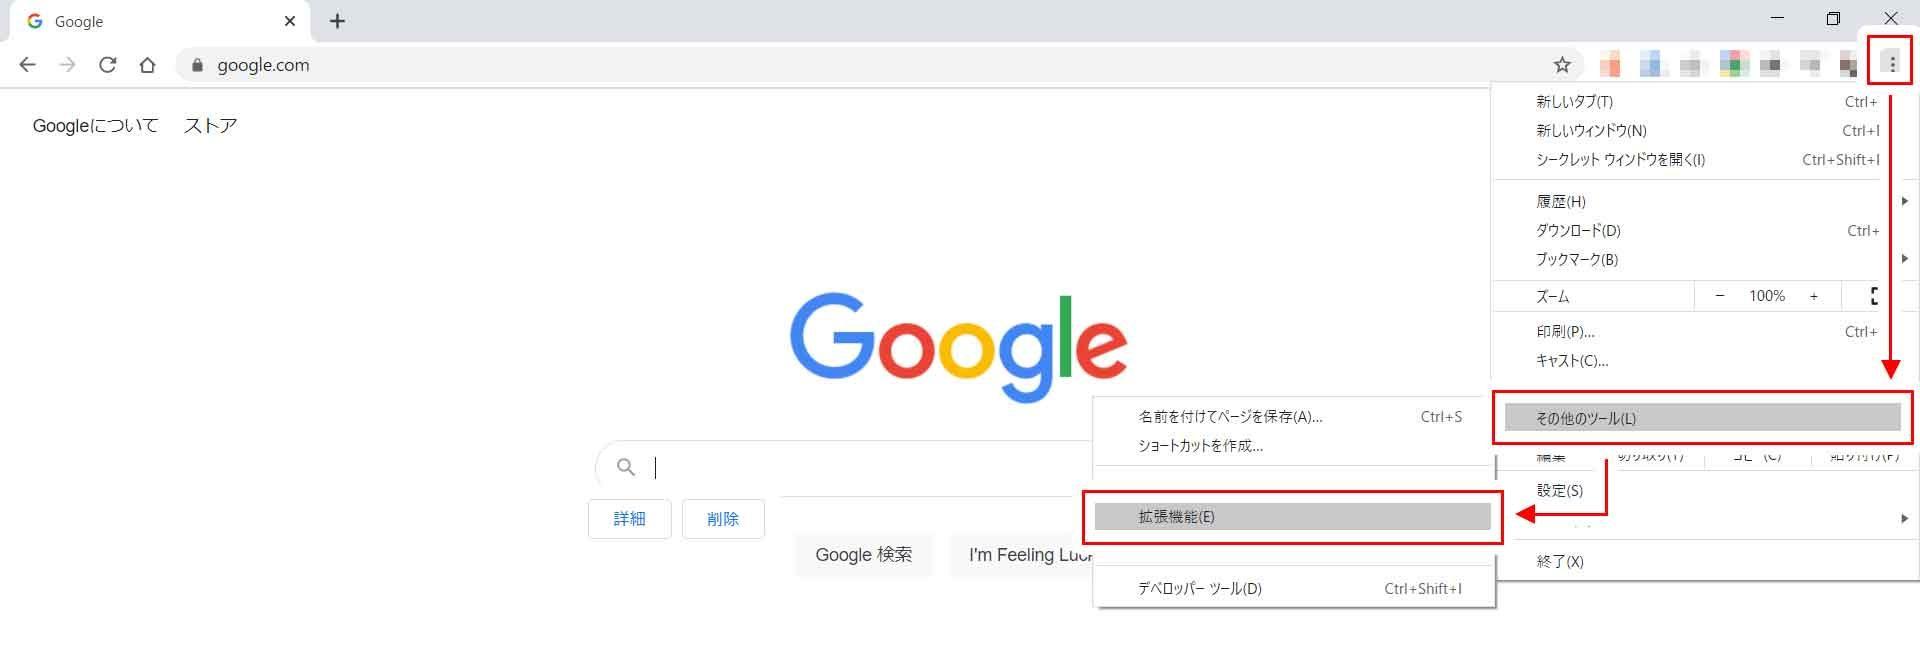 Google Chromeから不要な拡張機能を削除する